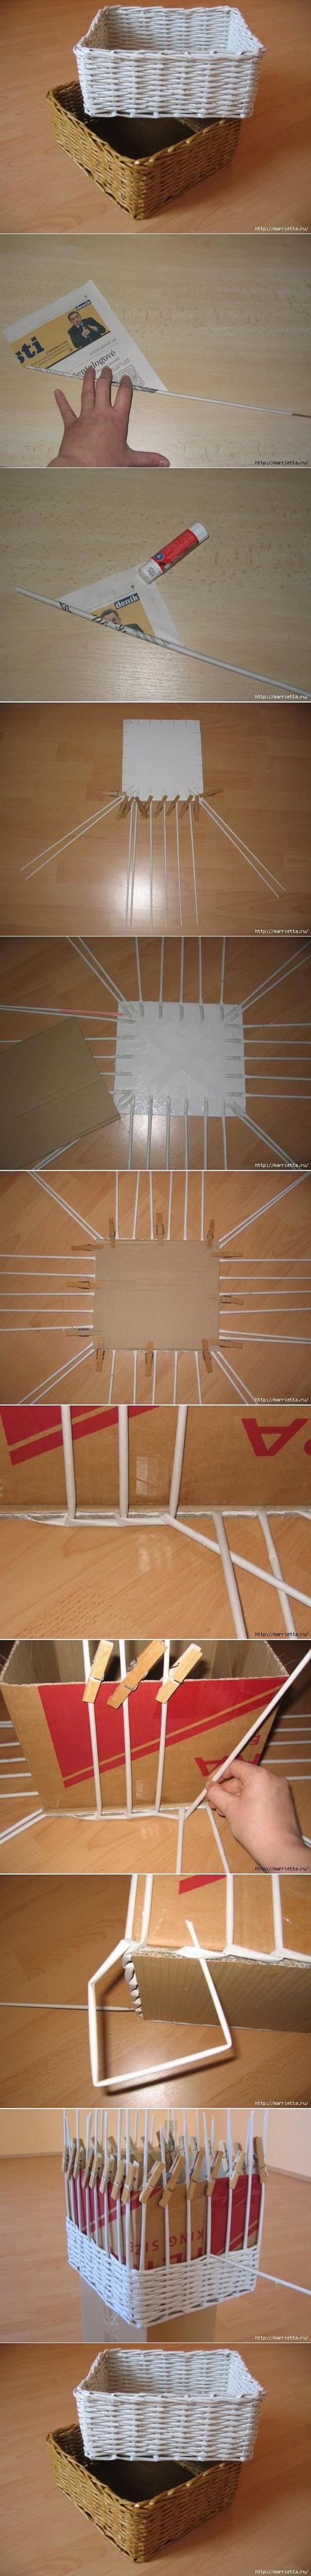 El taller de bielisa cesta de papel de peri dico - Cestas de papel de periodico ...